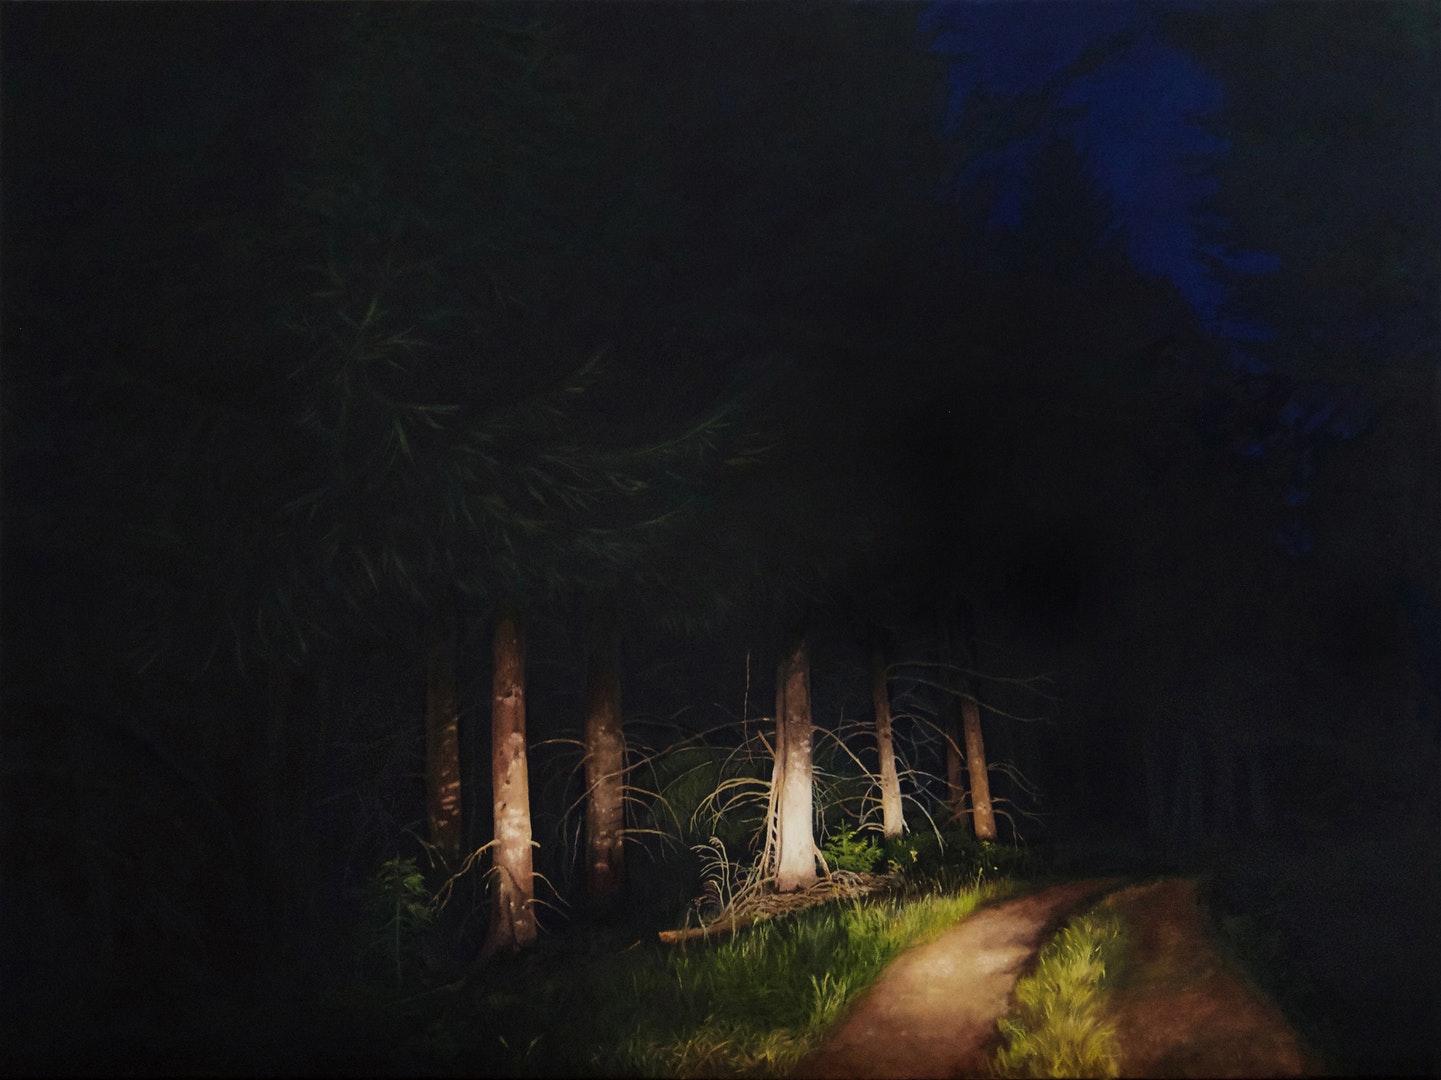 'Entre chien et loup 2', Natalie Dowse, Oil on canvas, 90 x 120 x 3 cm